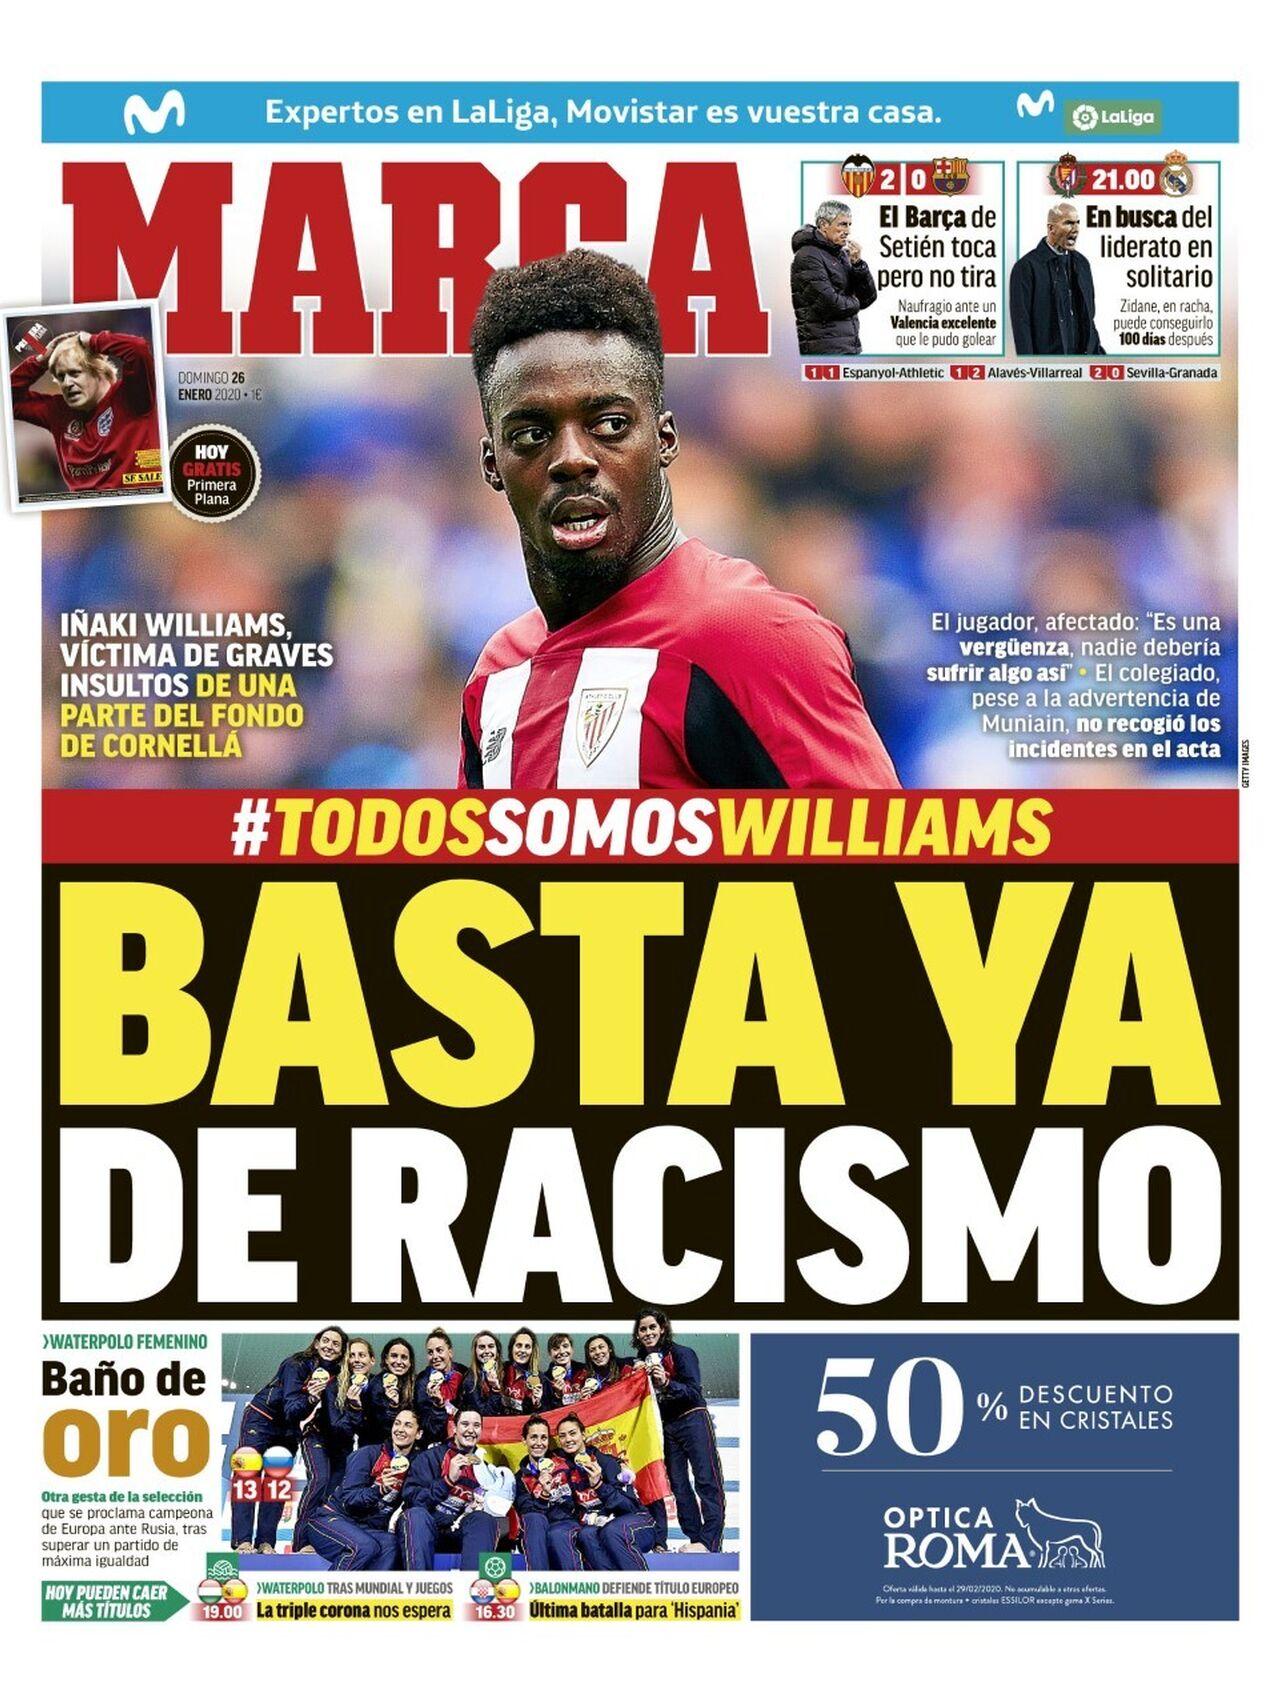 """""""Basta ya de racismo"""": La portada del diario Marca tras insultos a Williams."""